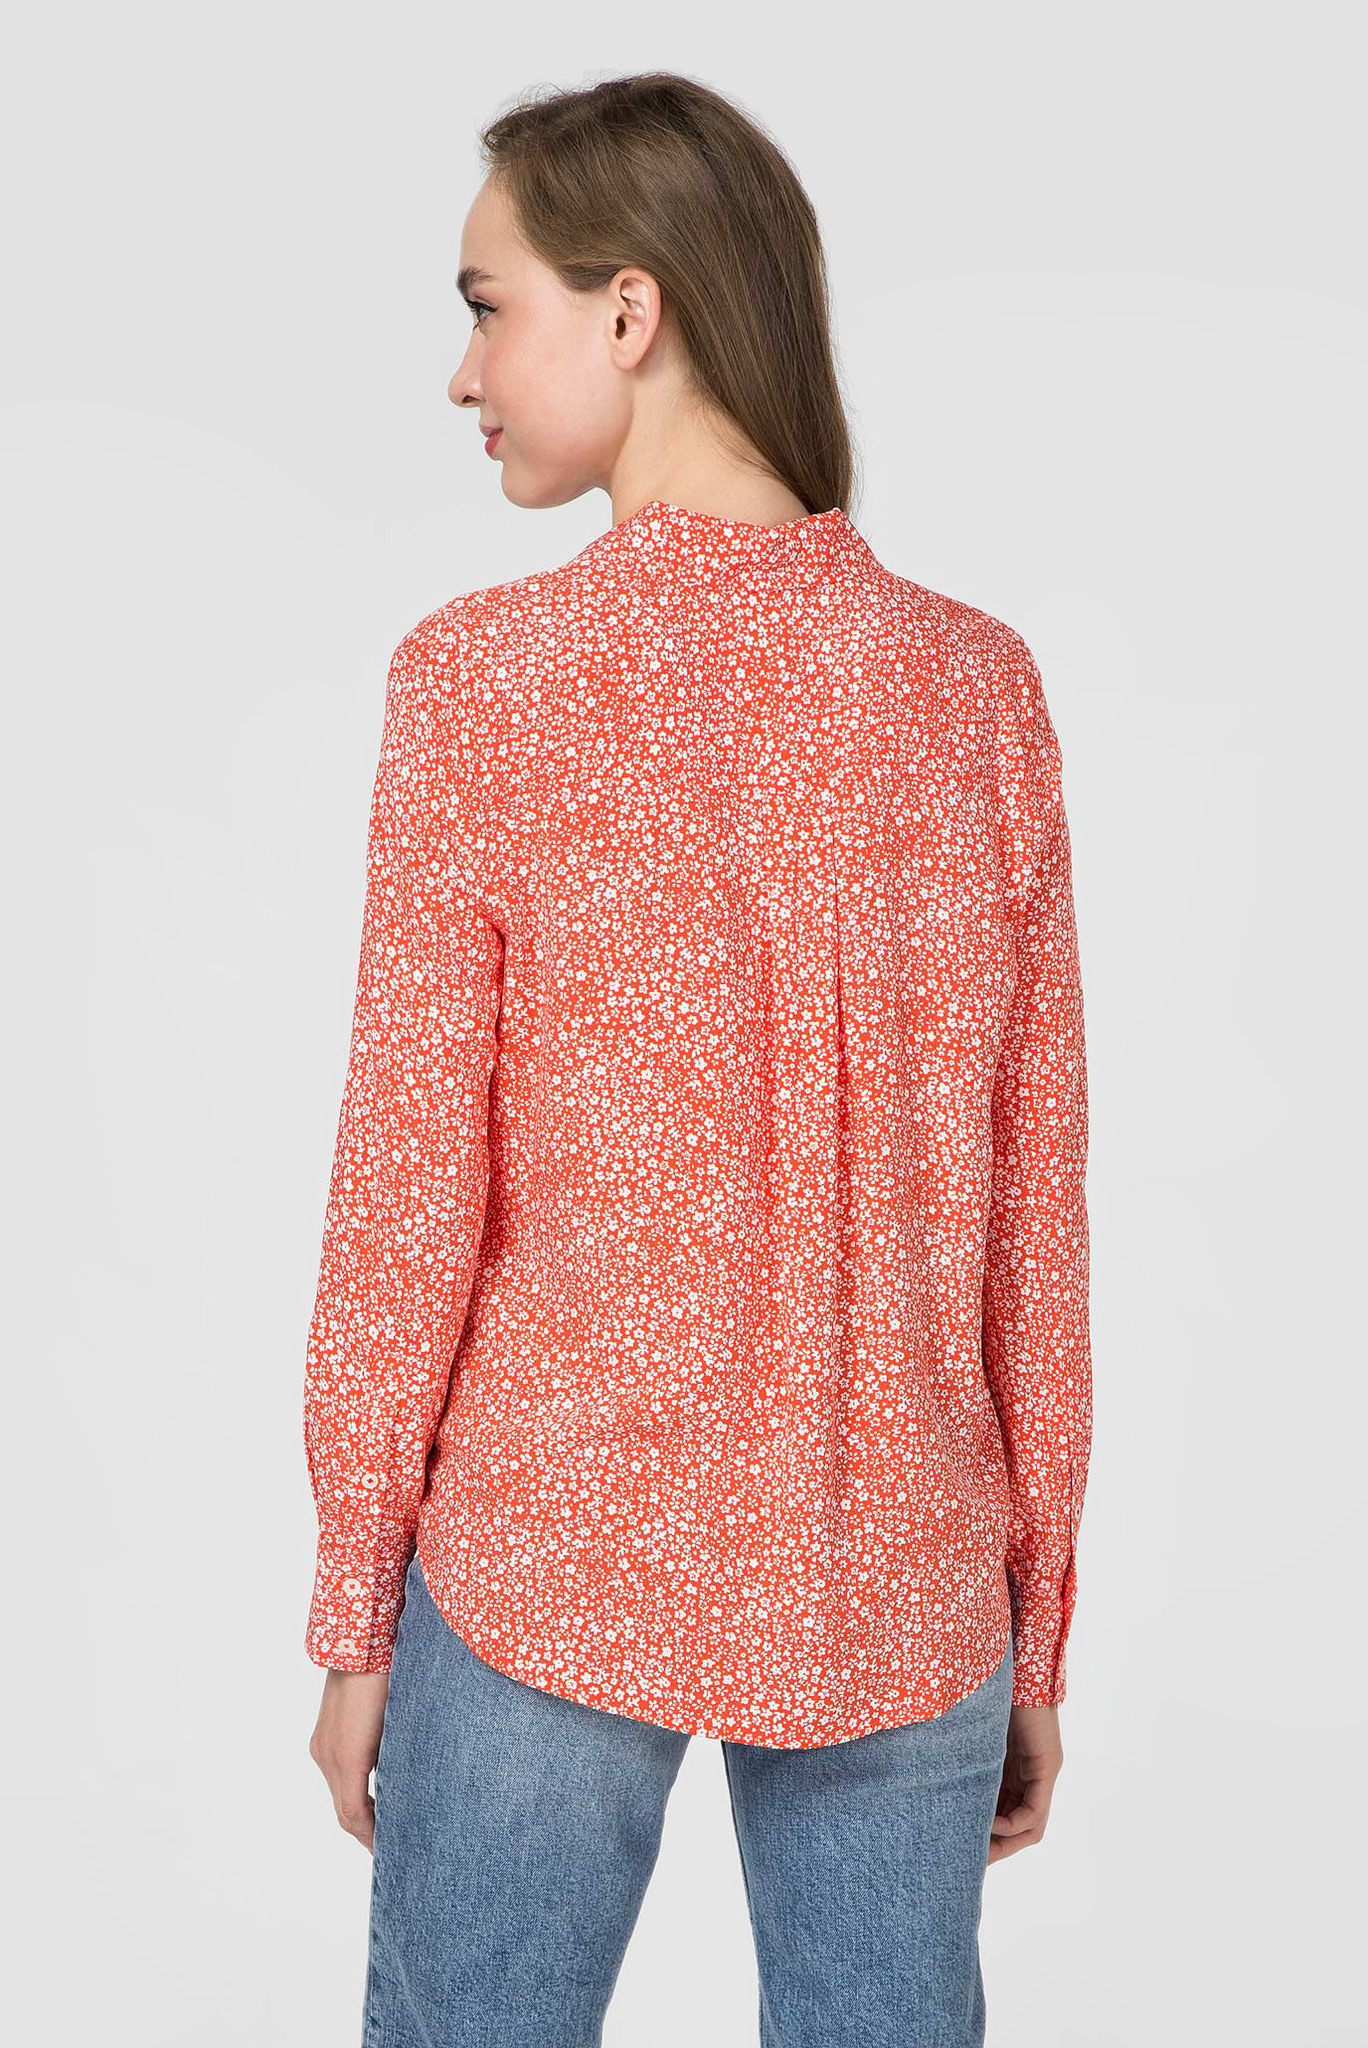 Женская блуза с узором DANEE Tommy Hilfiger